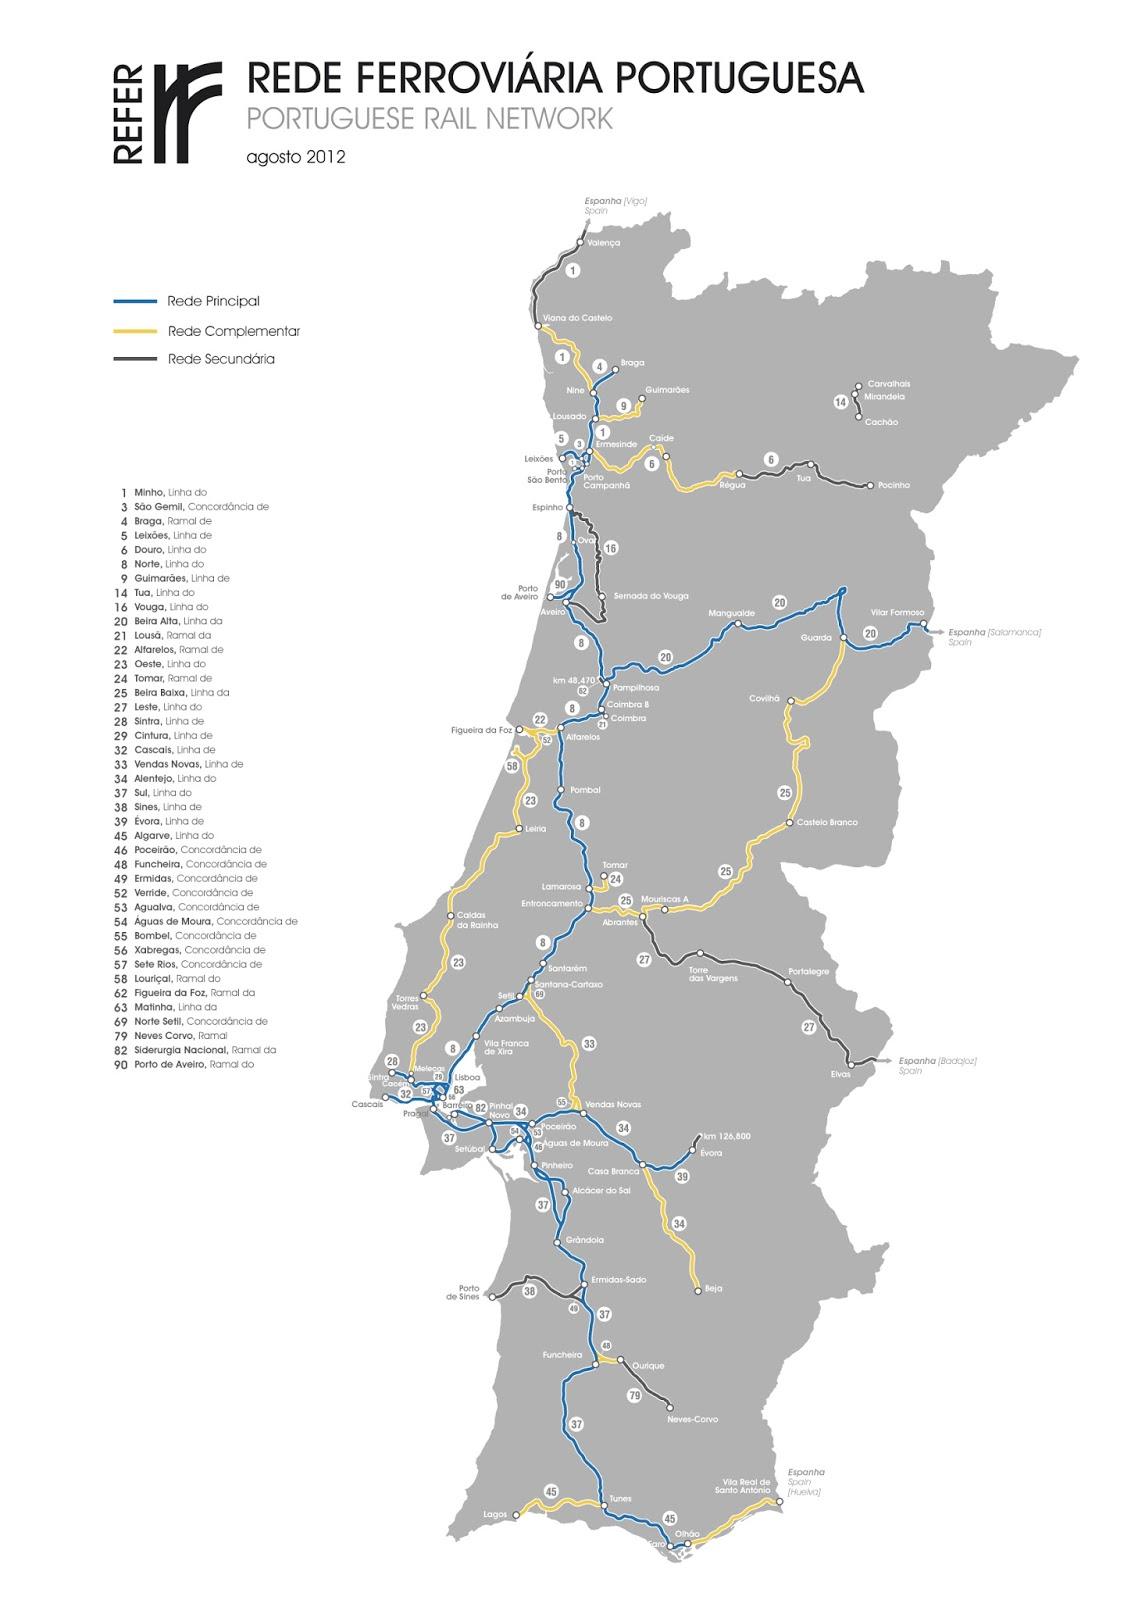 mapa do tgv em portugal Apeadeiro das Virtudes: MAPAS FERROVIÁRIOS mapa do tgv em portugal